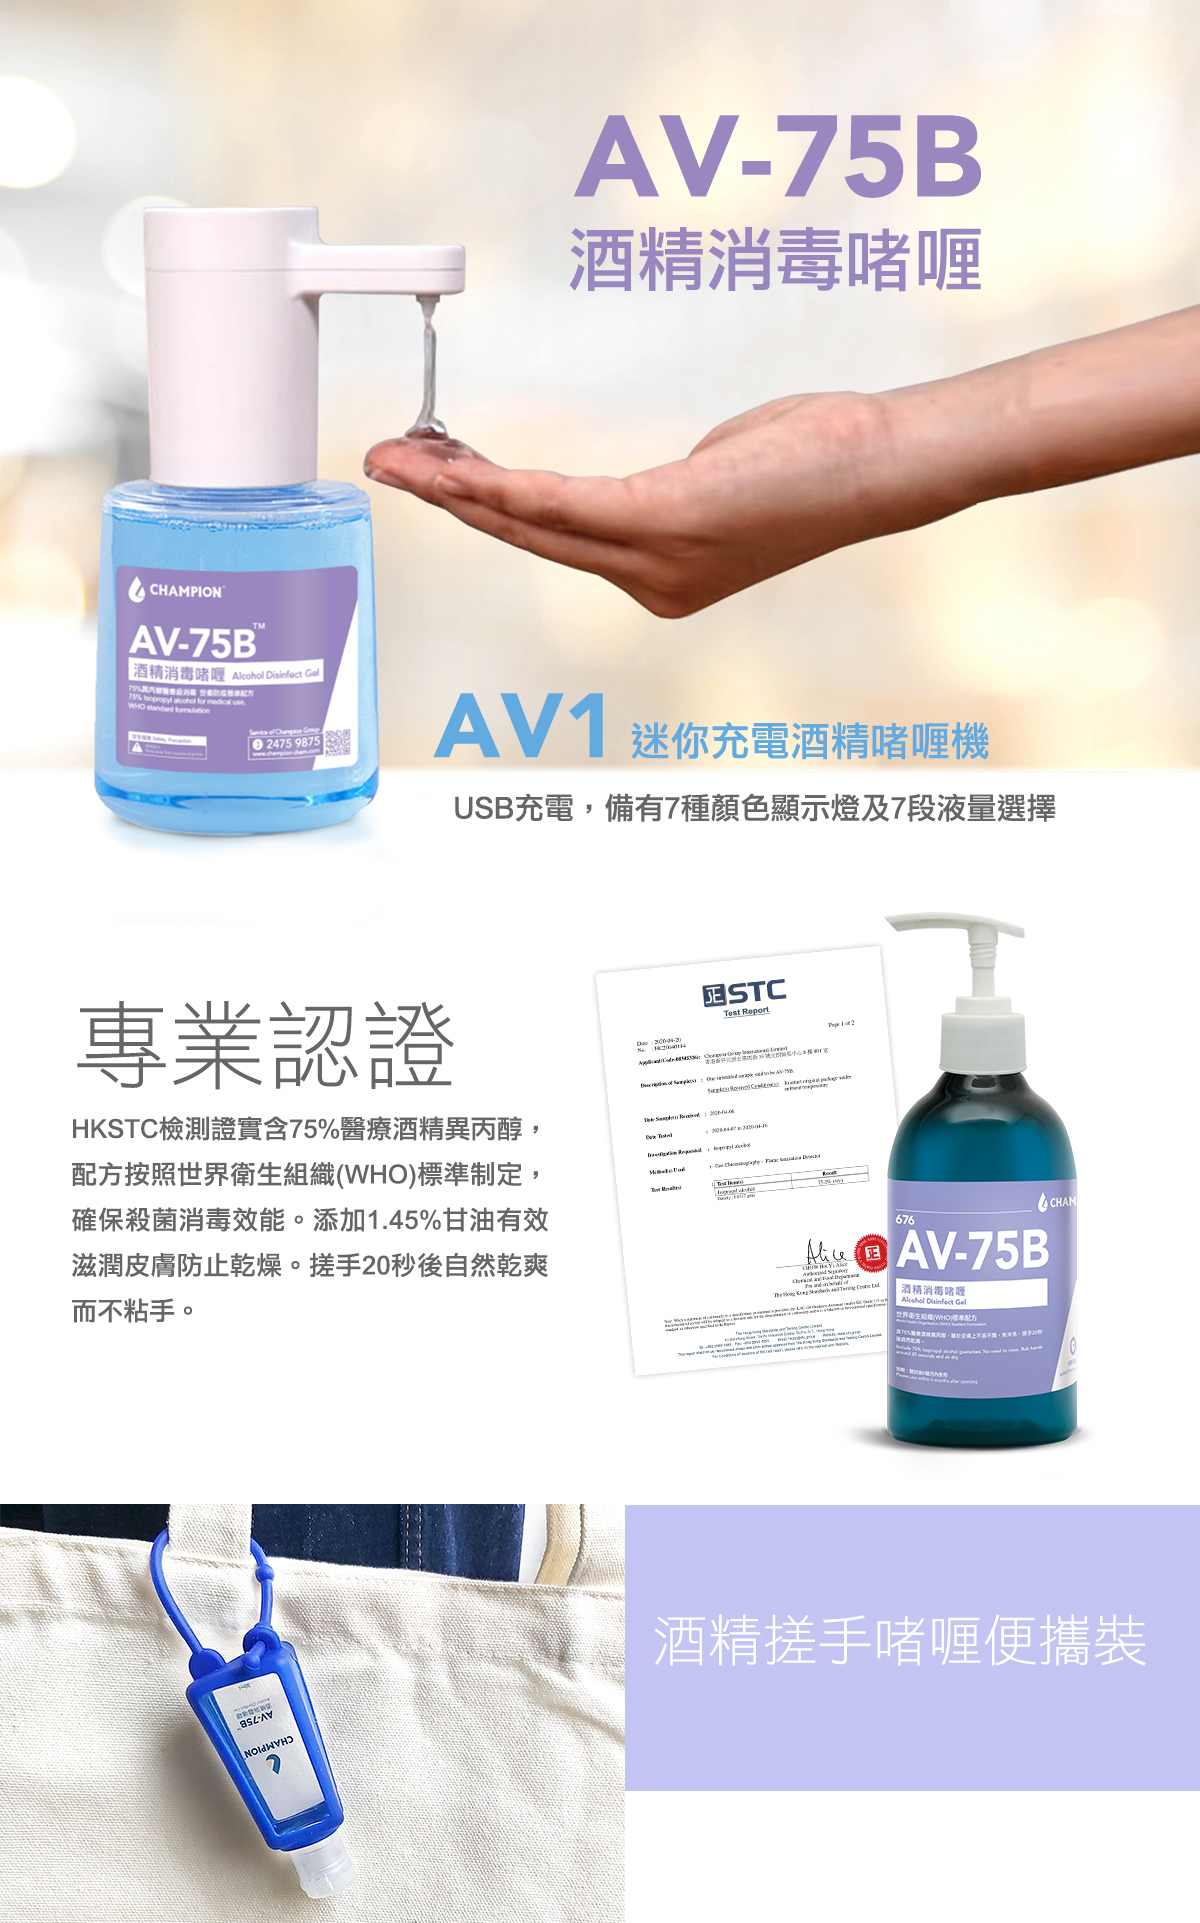 AV-75B 迷你充電酒精啫喱機